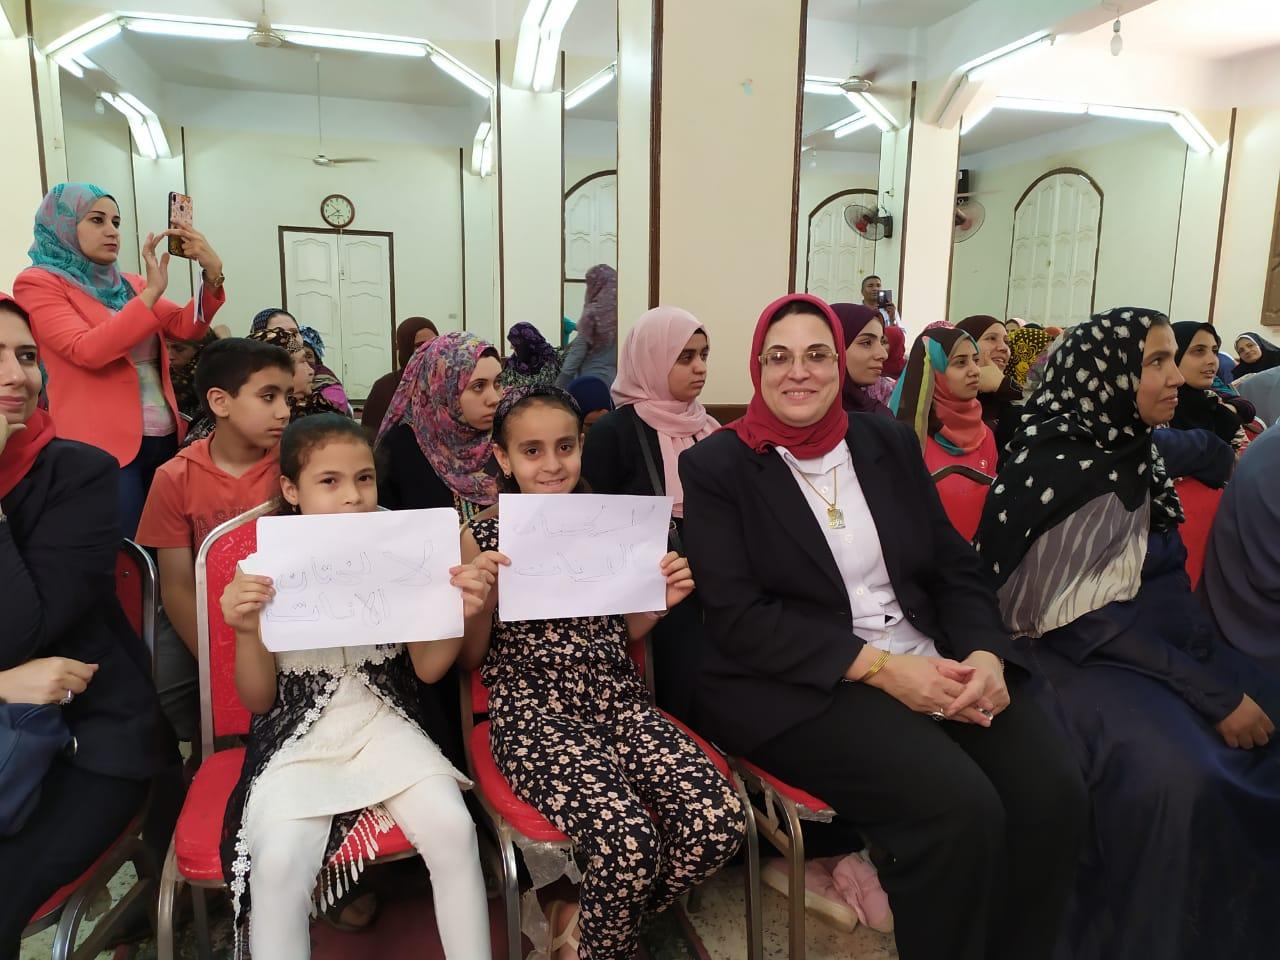 القومى للمرأة بالشرقية ينظم قوافل توعية فى اليوم الوطني لمناهضة ختان الإناث (4)